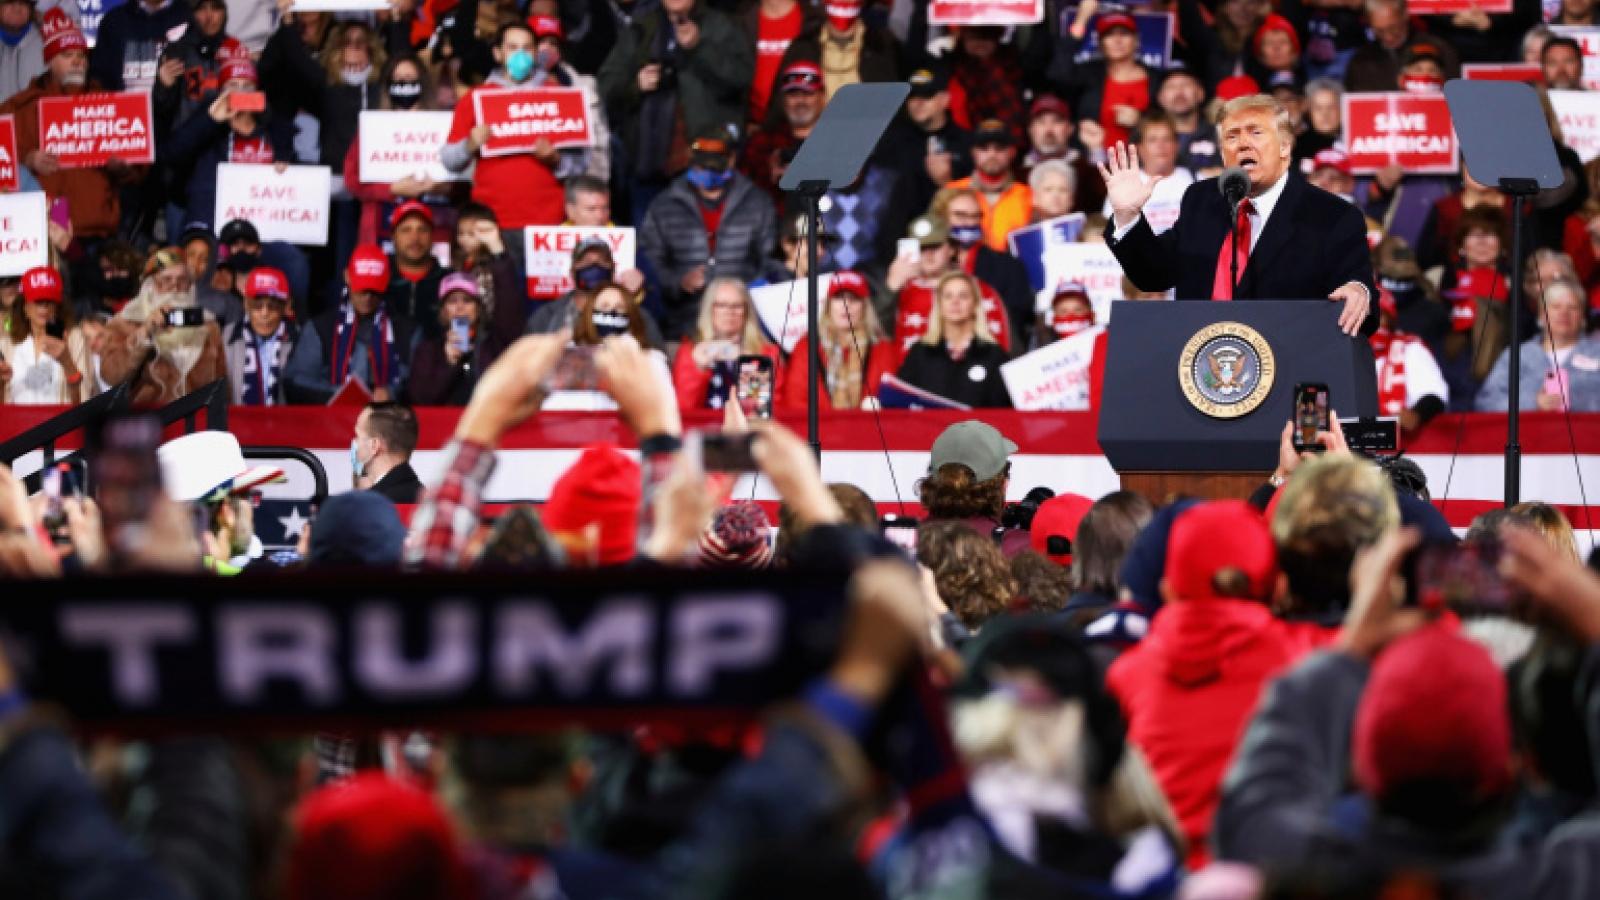 """Nhóm cử tri """"Trump trước tiên"""" – Cú hích của đảng Cộng hòa, cơn """"đau đầu"""" của đảng Dân chủ"""